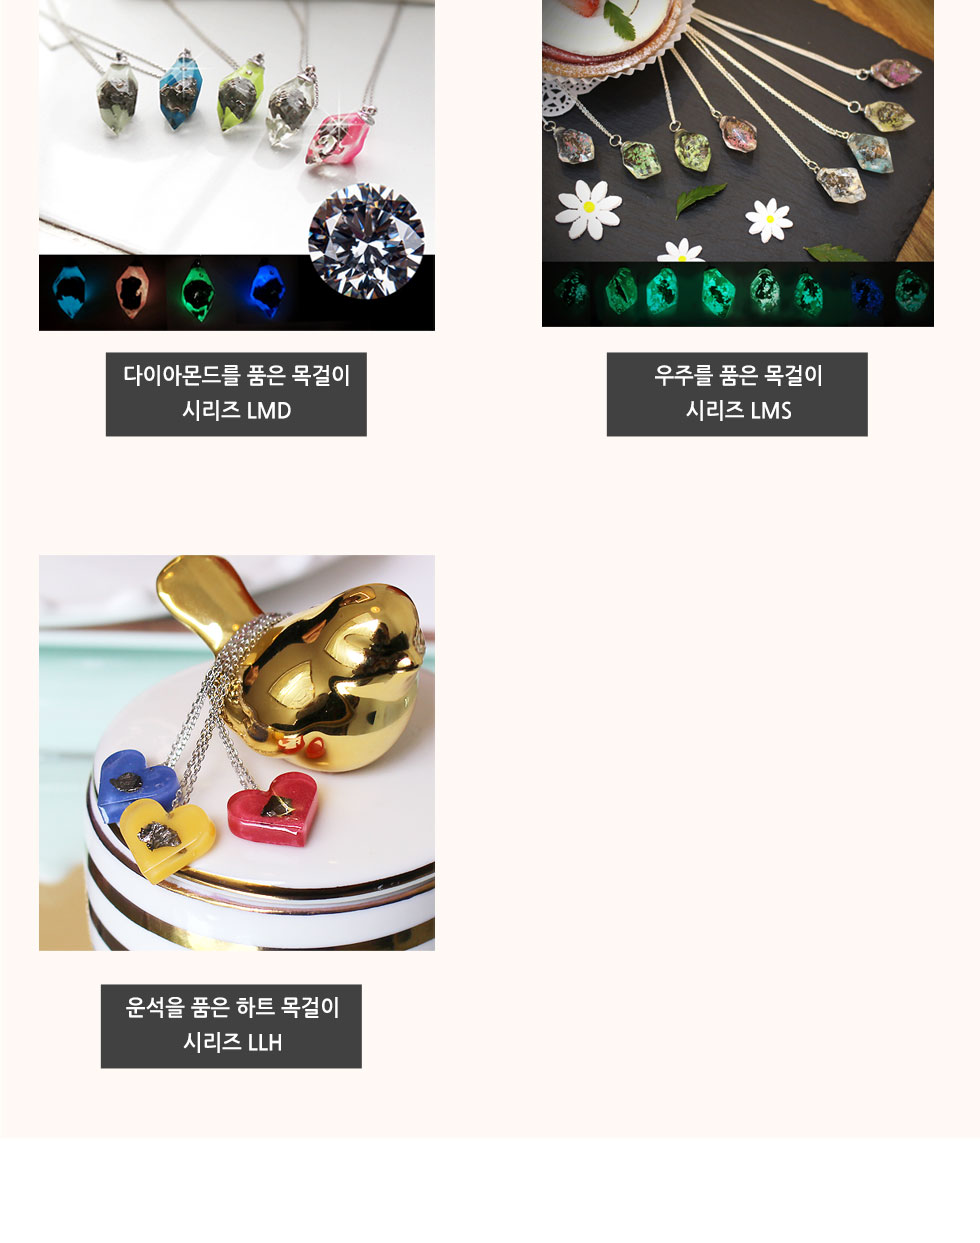 큐브 운석 반지 - 아름다움에 신비를 더하다 - 투앤에이블, 49,000원, 실버, 진주/원석반지